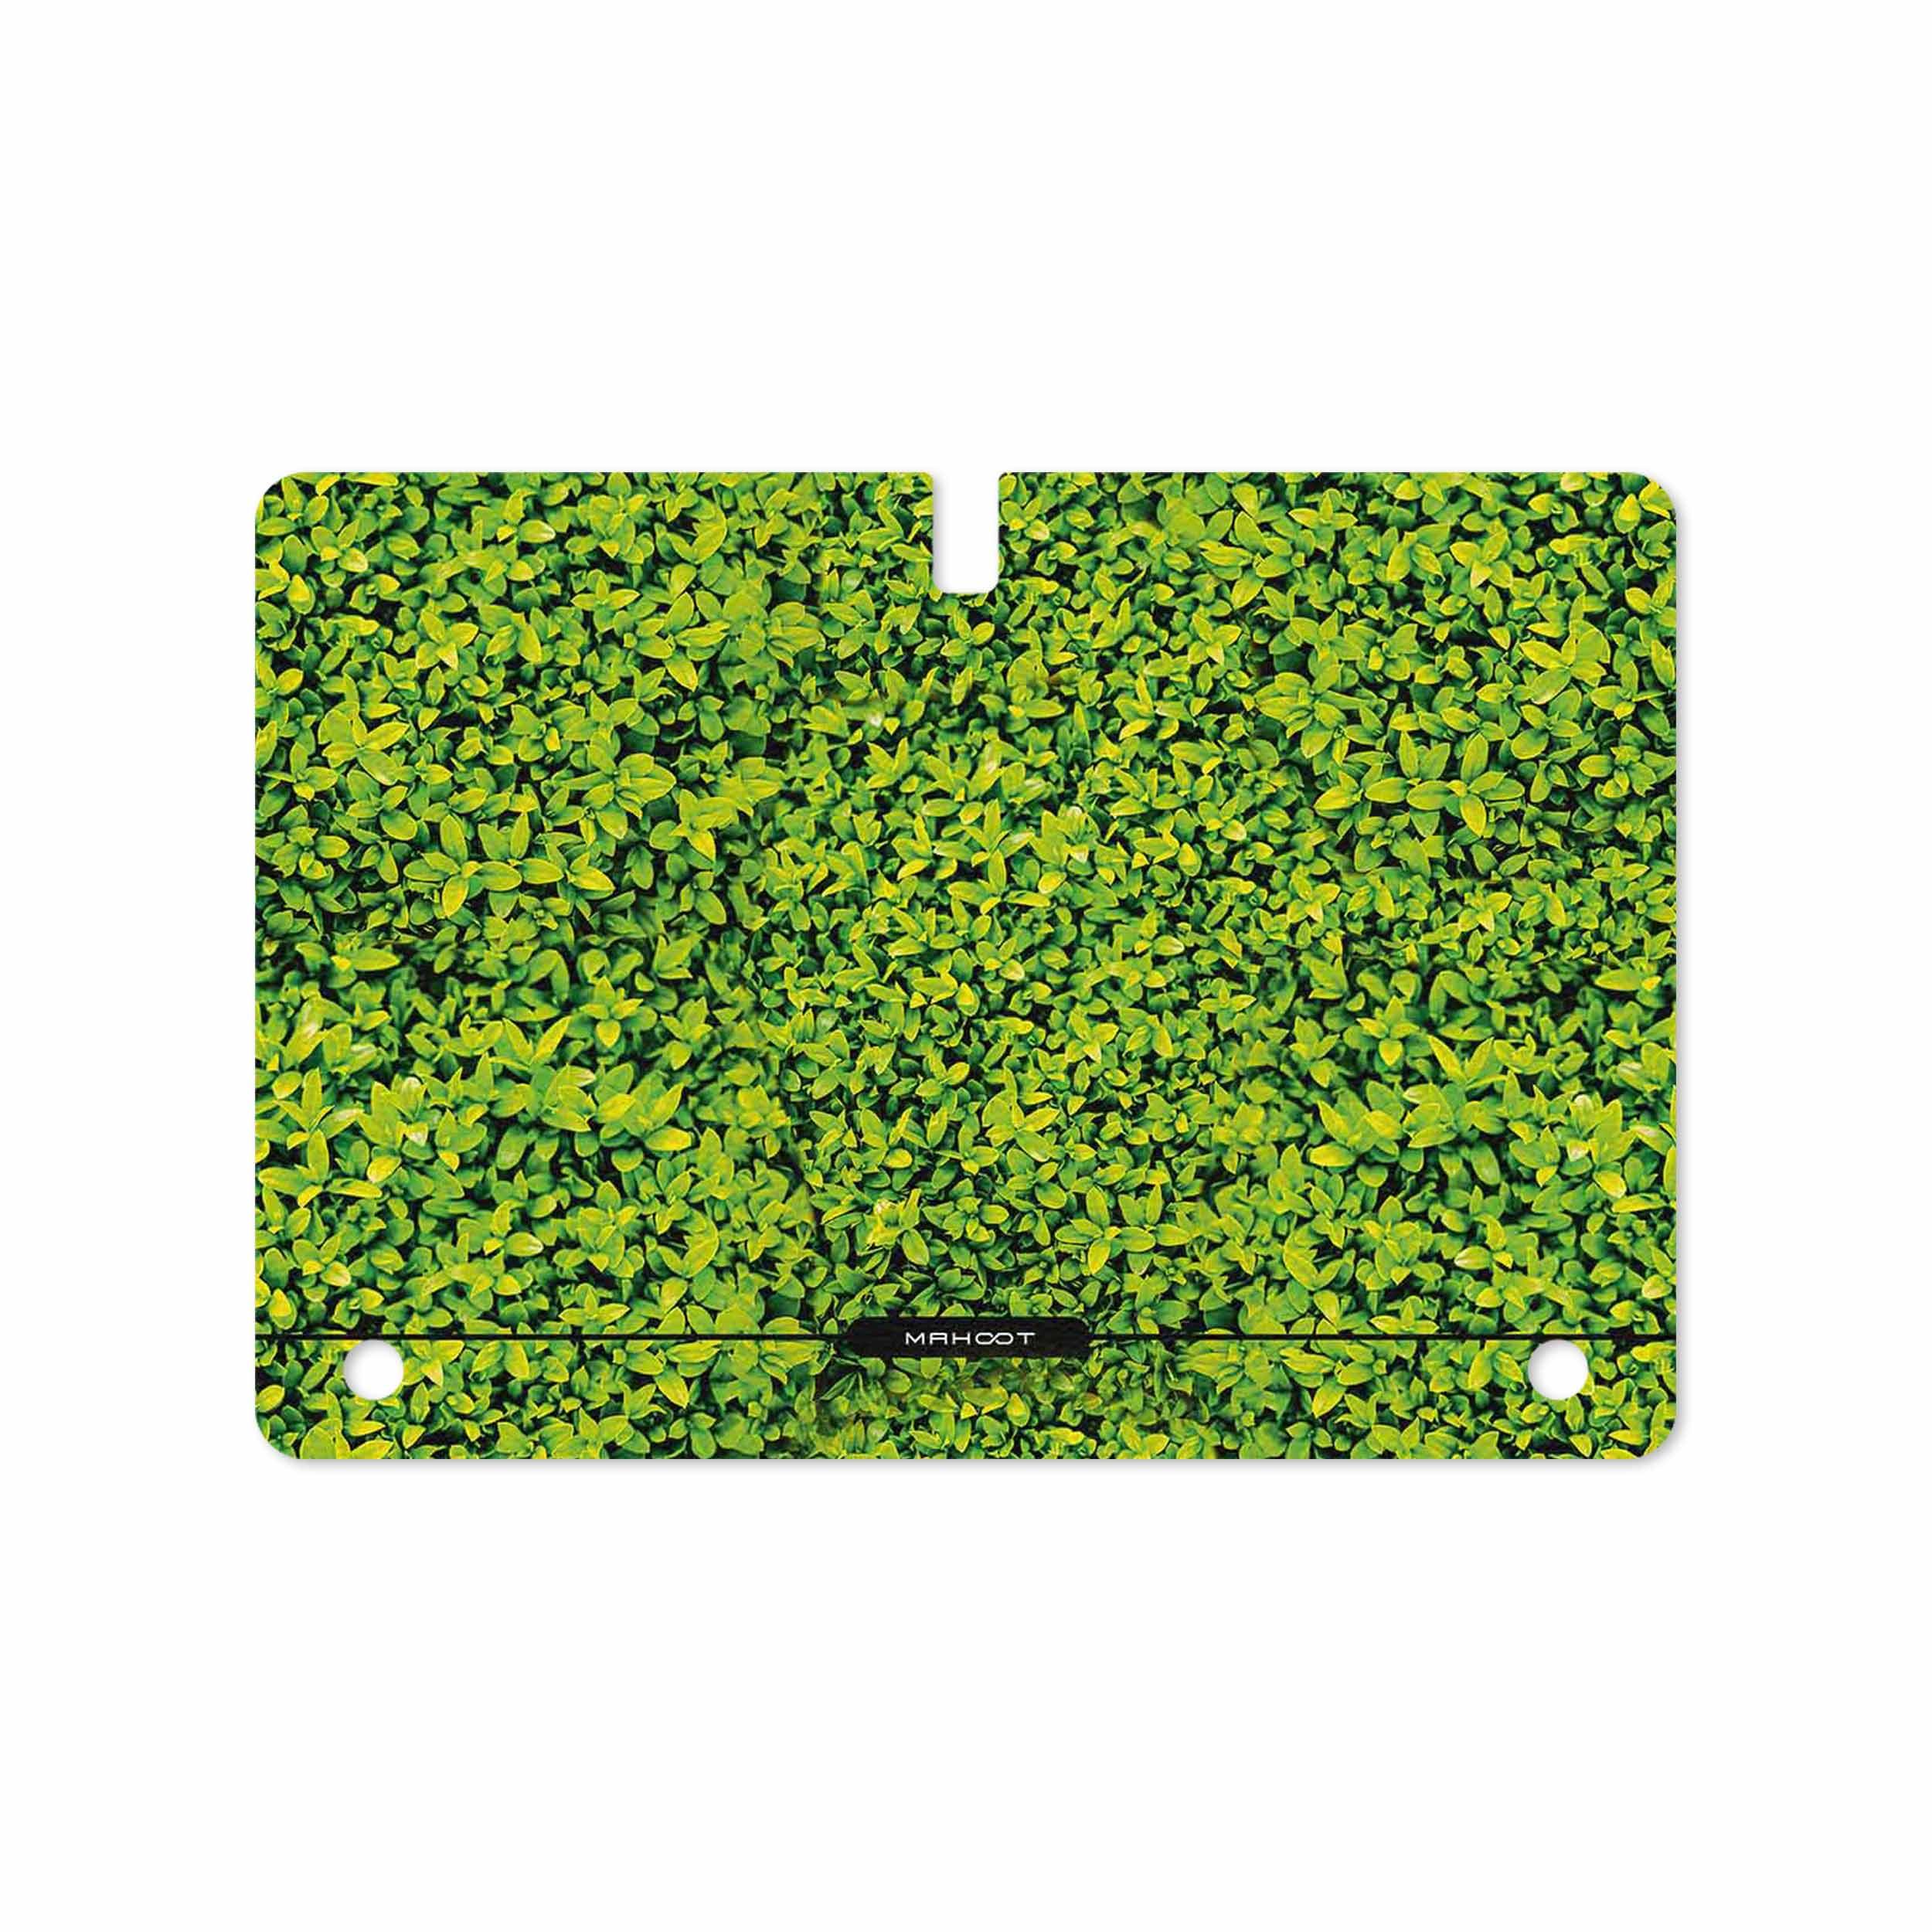 بررسی و خرید [با تخفیف]                                     برچسب پوششی ماهوت مدل Leafs مناسب برای تبلت سامسونگ Galaxy Tab S 10.5 2014 T805                             اورجینال